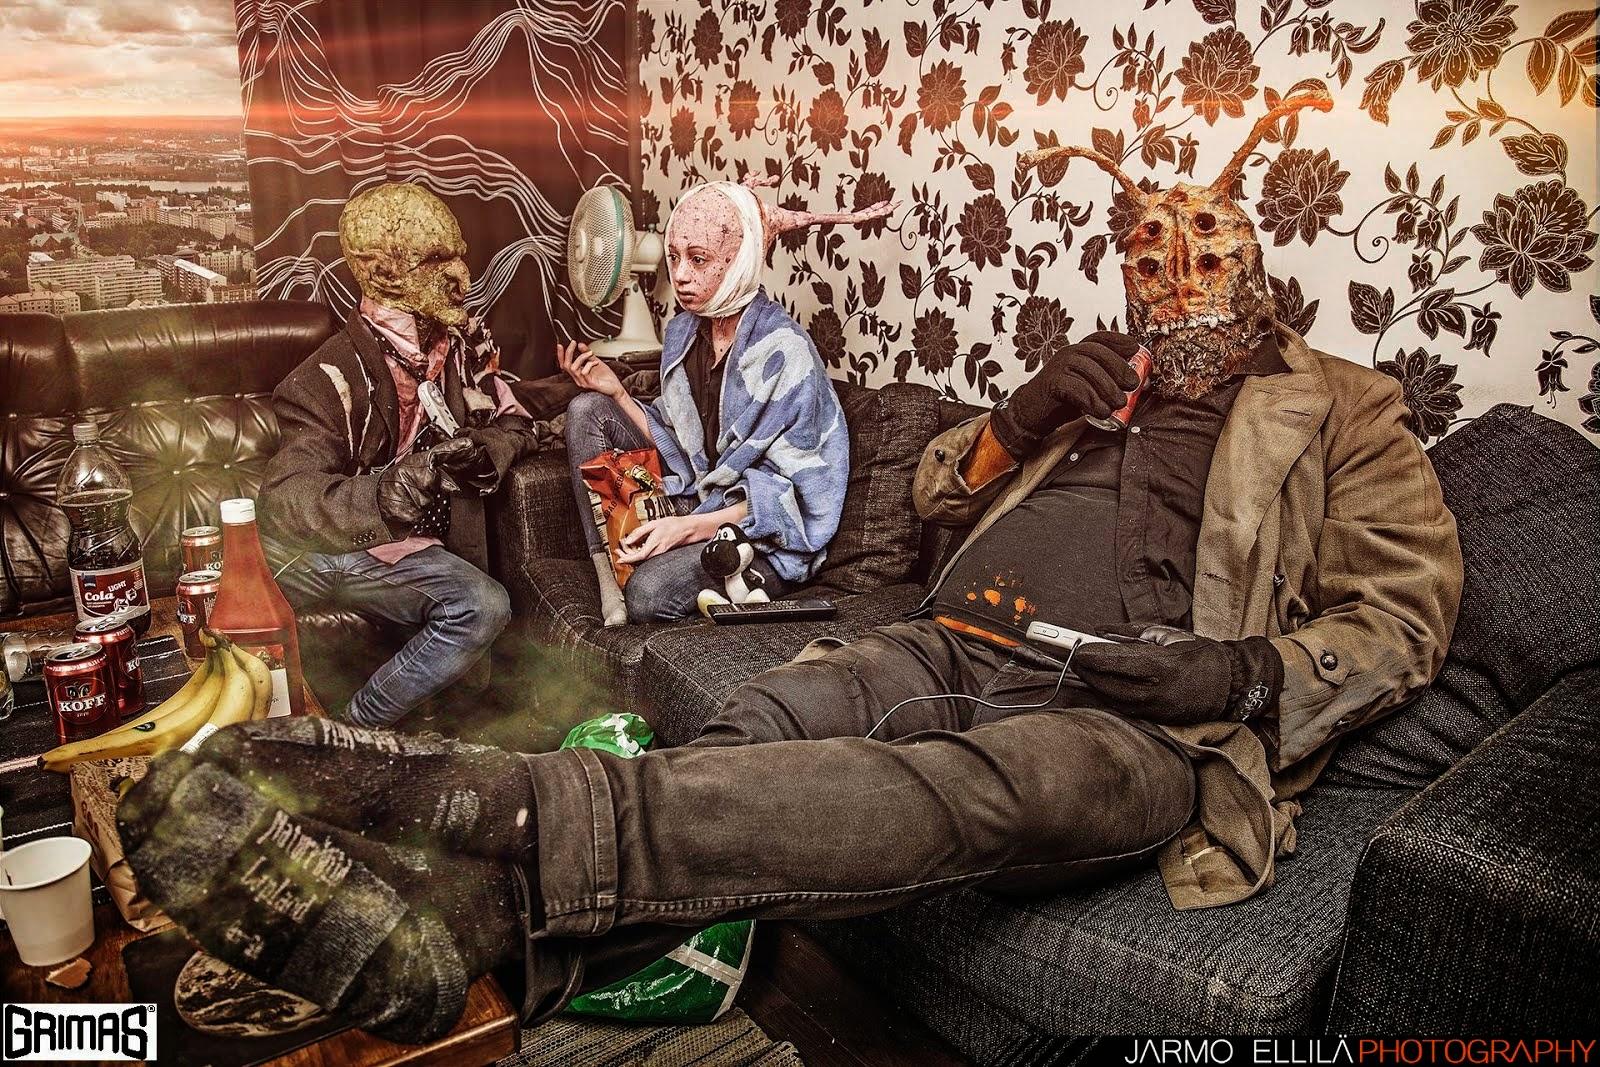 Peikko / Alien / Otus - tehostemaskeeraus testi (by: Ari Savonen).